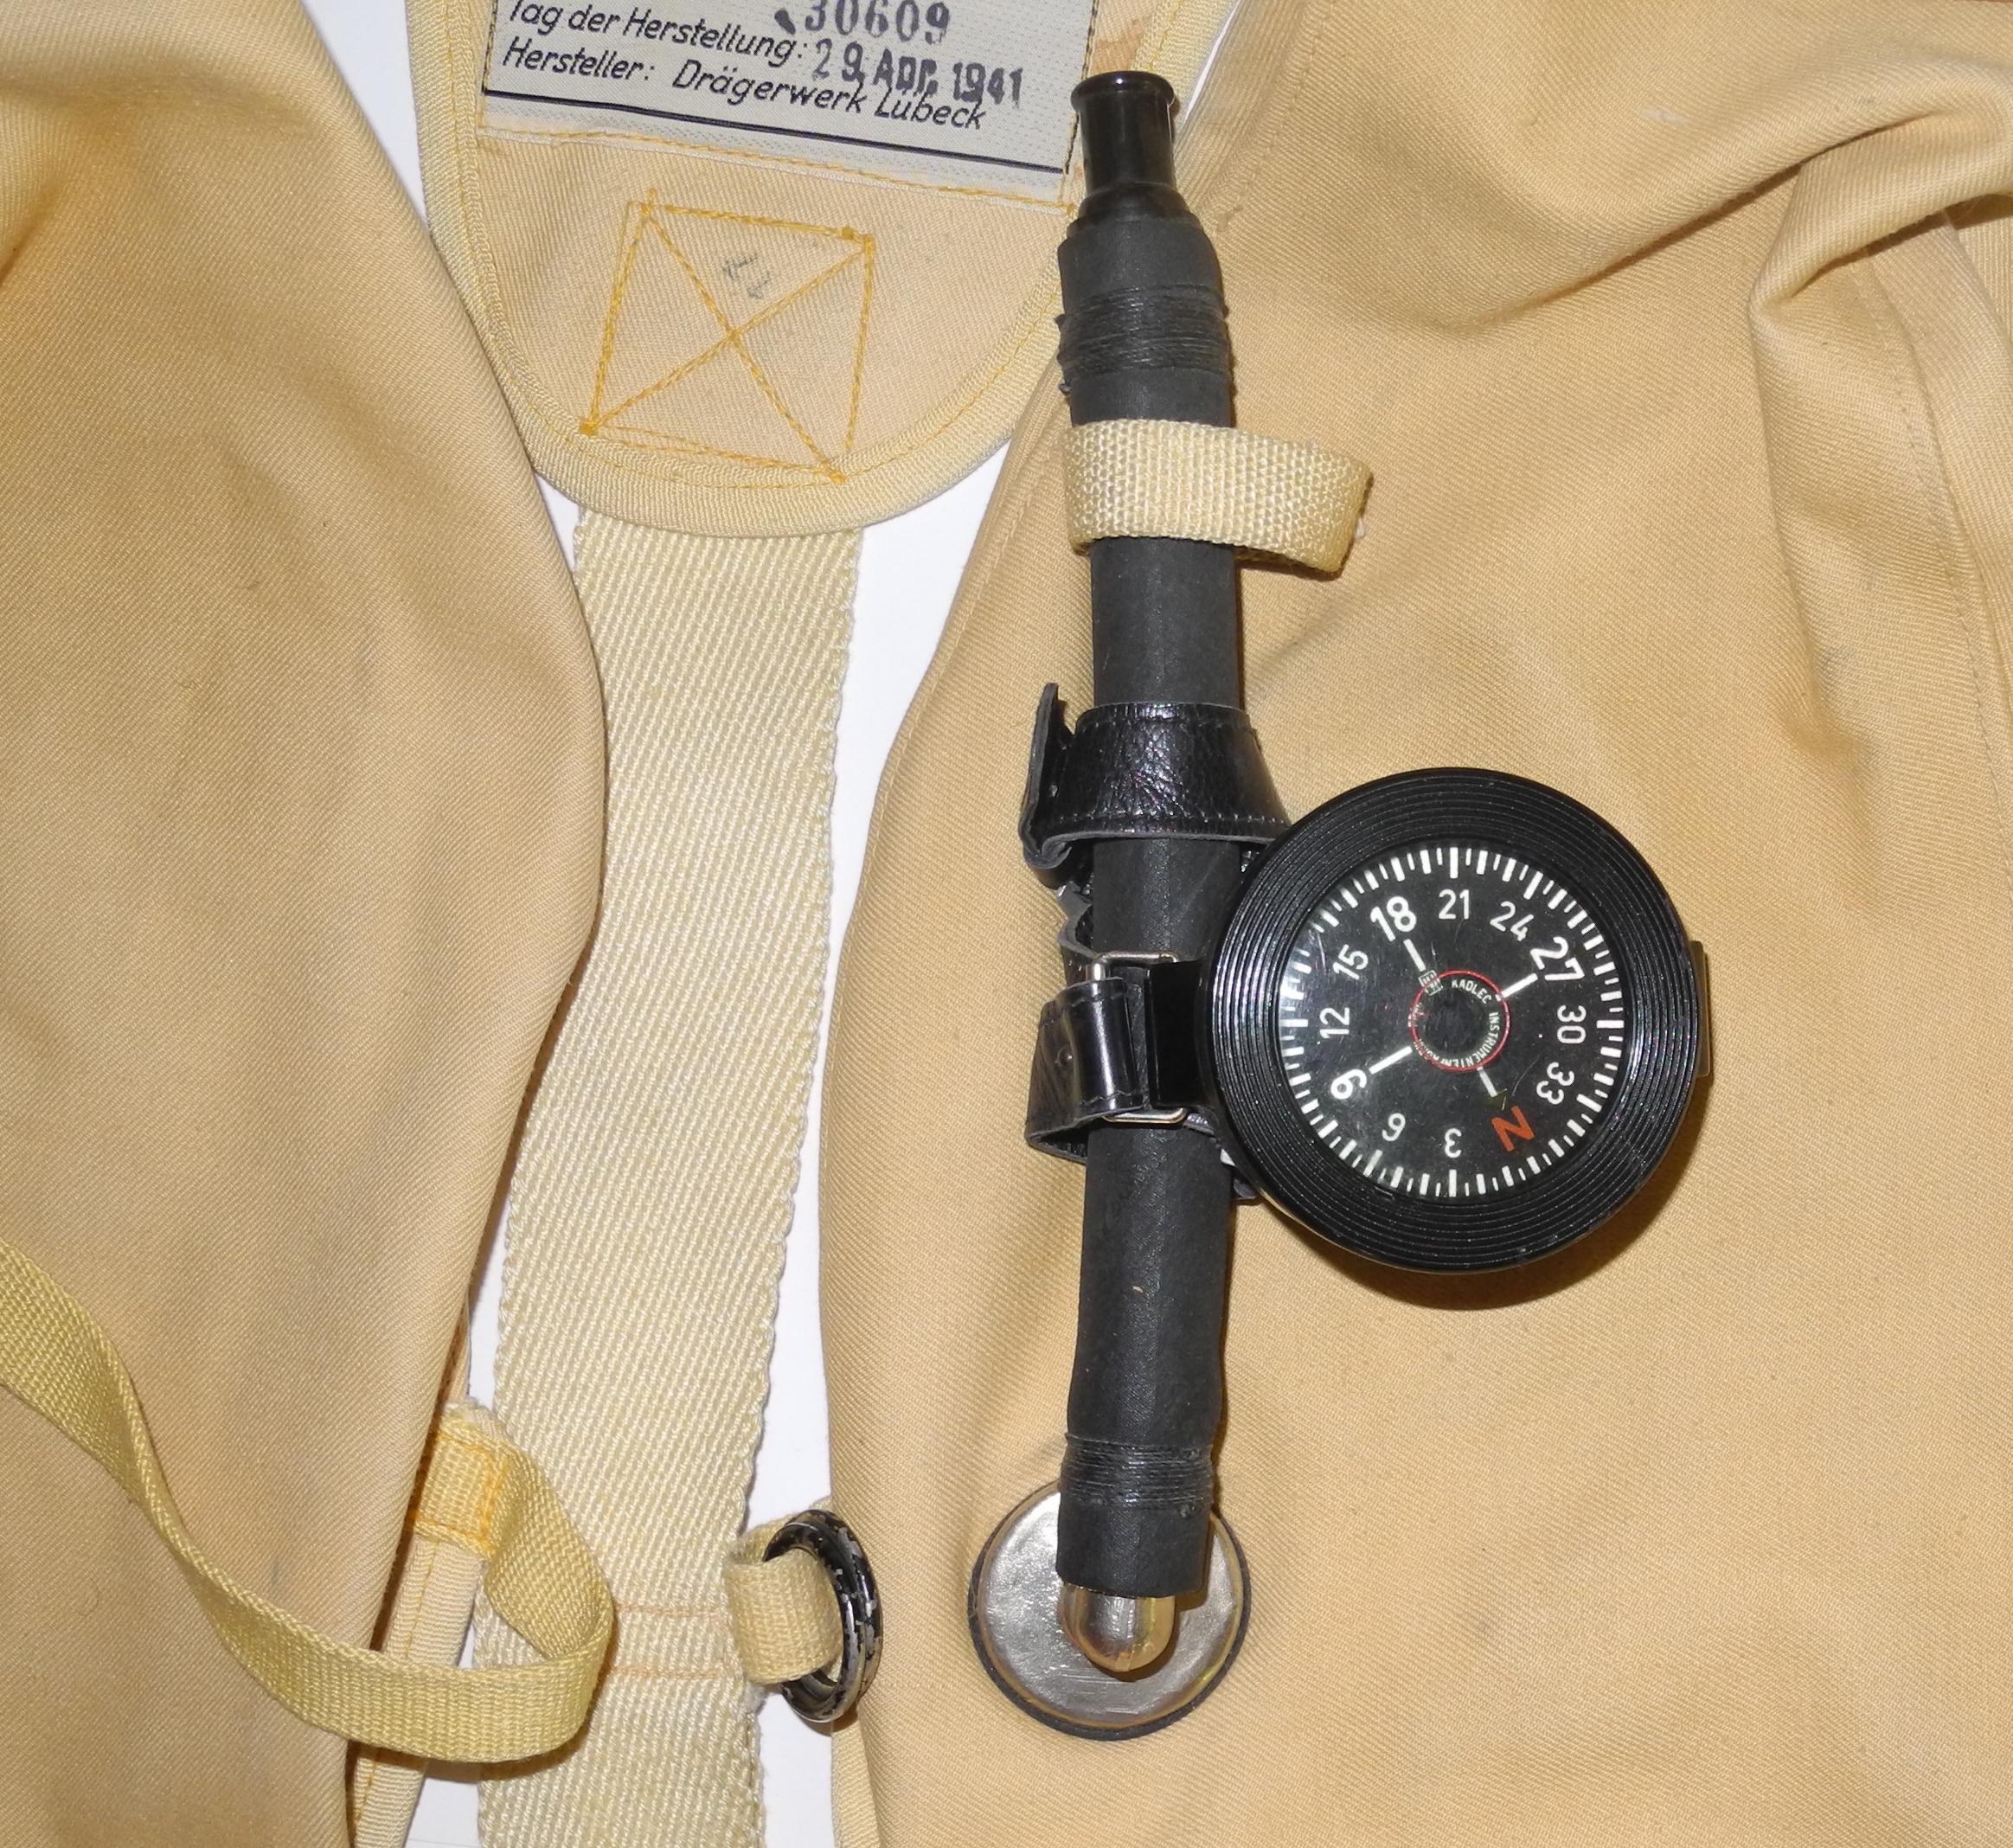 LW 10-30 B-2 life vest April  1941